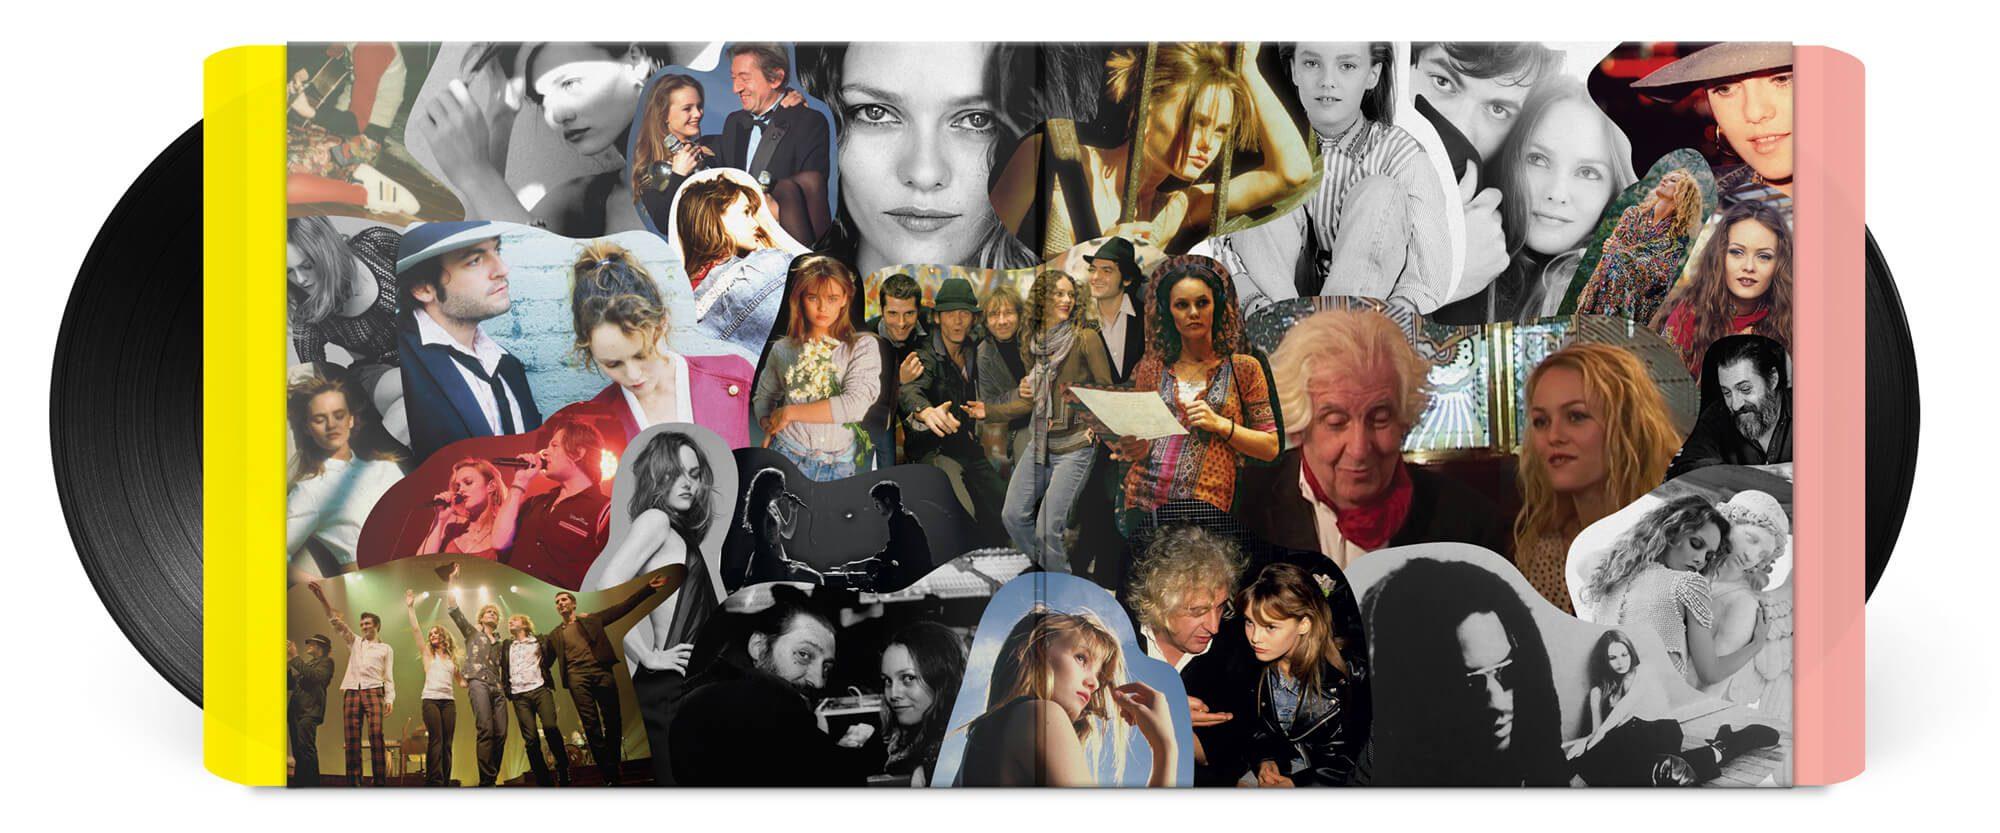 Double vinyle du best of Vanessa Paradis, collage photo inédit de Joe le taxi à Divinidylle, design IchetKar